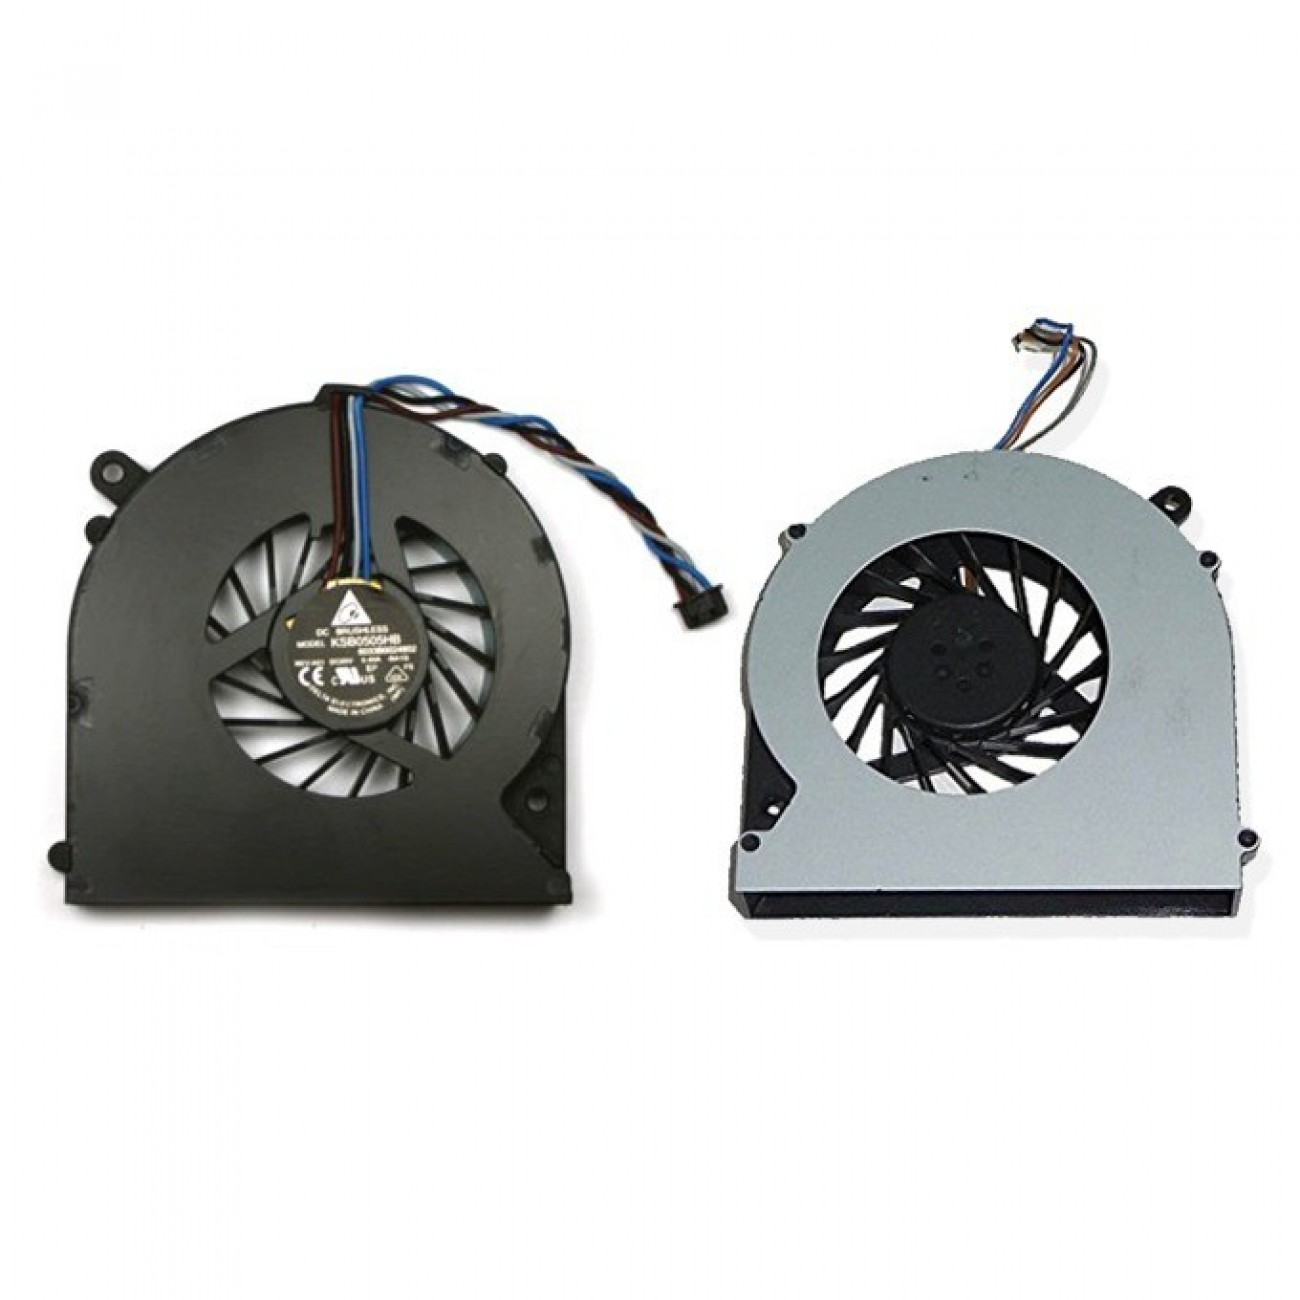 Вентилатор за лаптоп, съвместим с Toshiba Satellite C50 C50-A 5V 0.5A в Резервни части -    Alleop